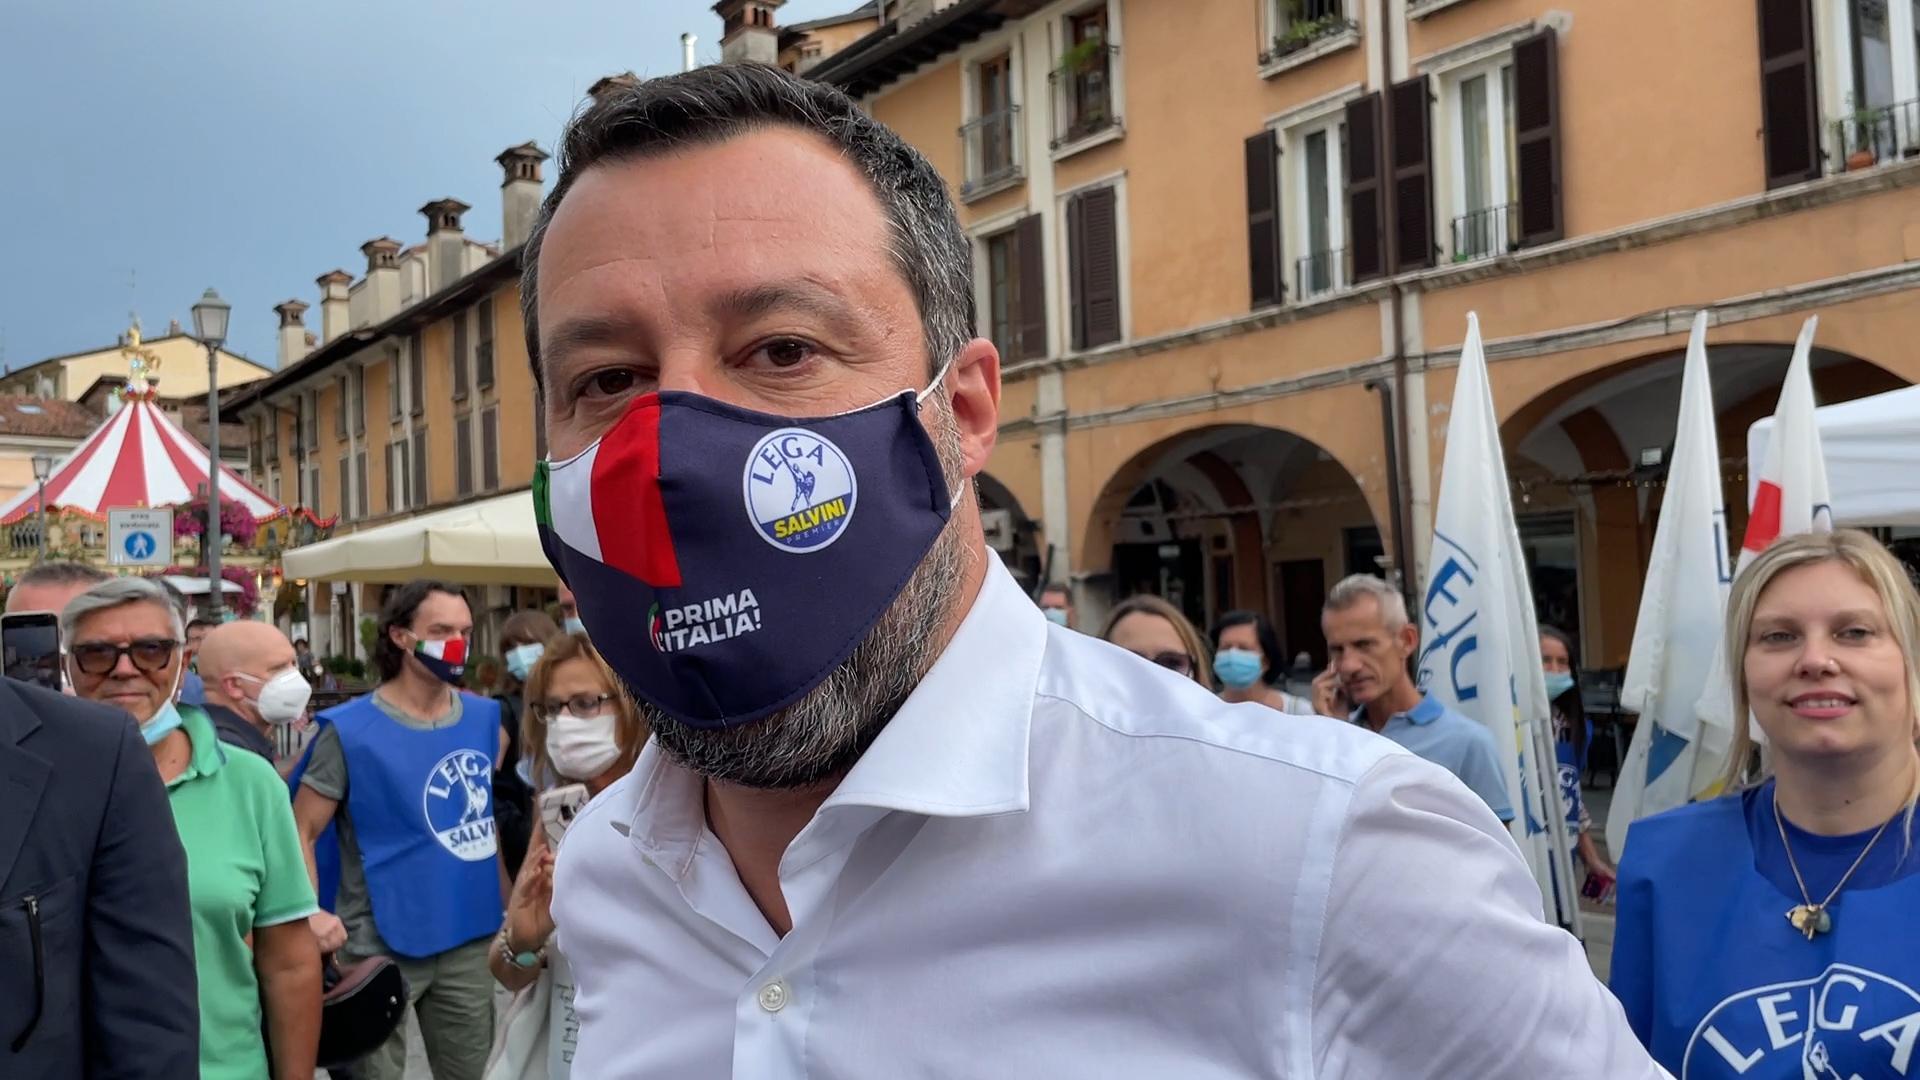 Autostrada della Valtrompia e referendum, tour bresciano per Salvini